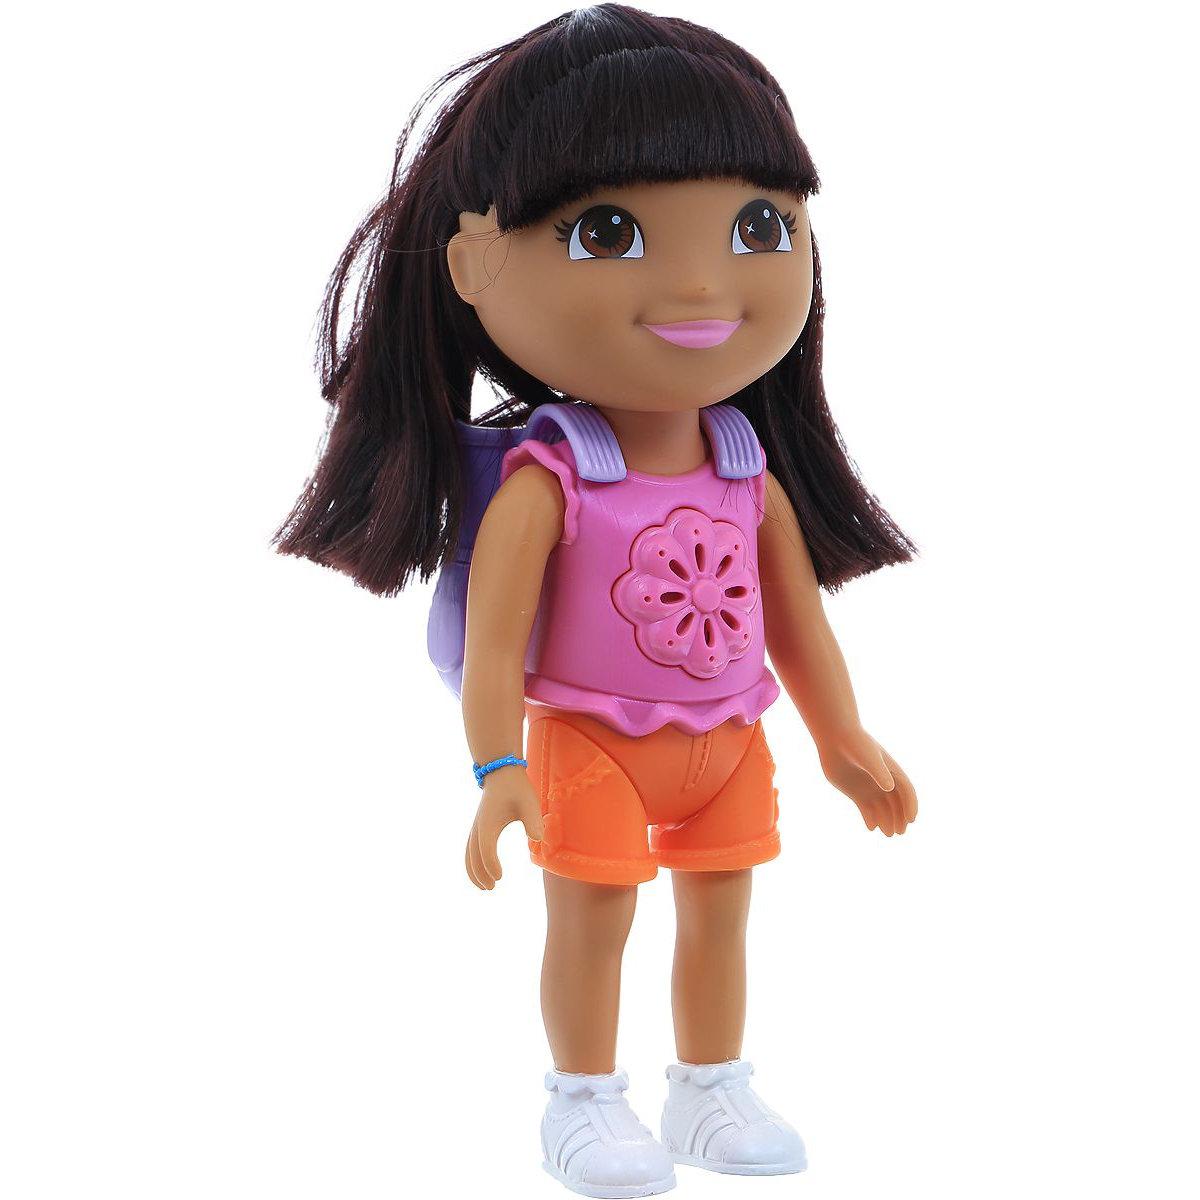 """Кукла """"Даша-путешественница"""" - Учим языки (звук)"""